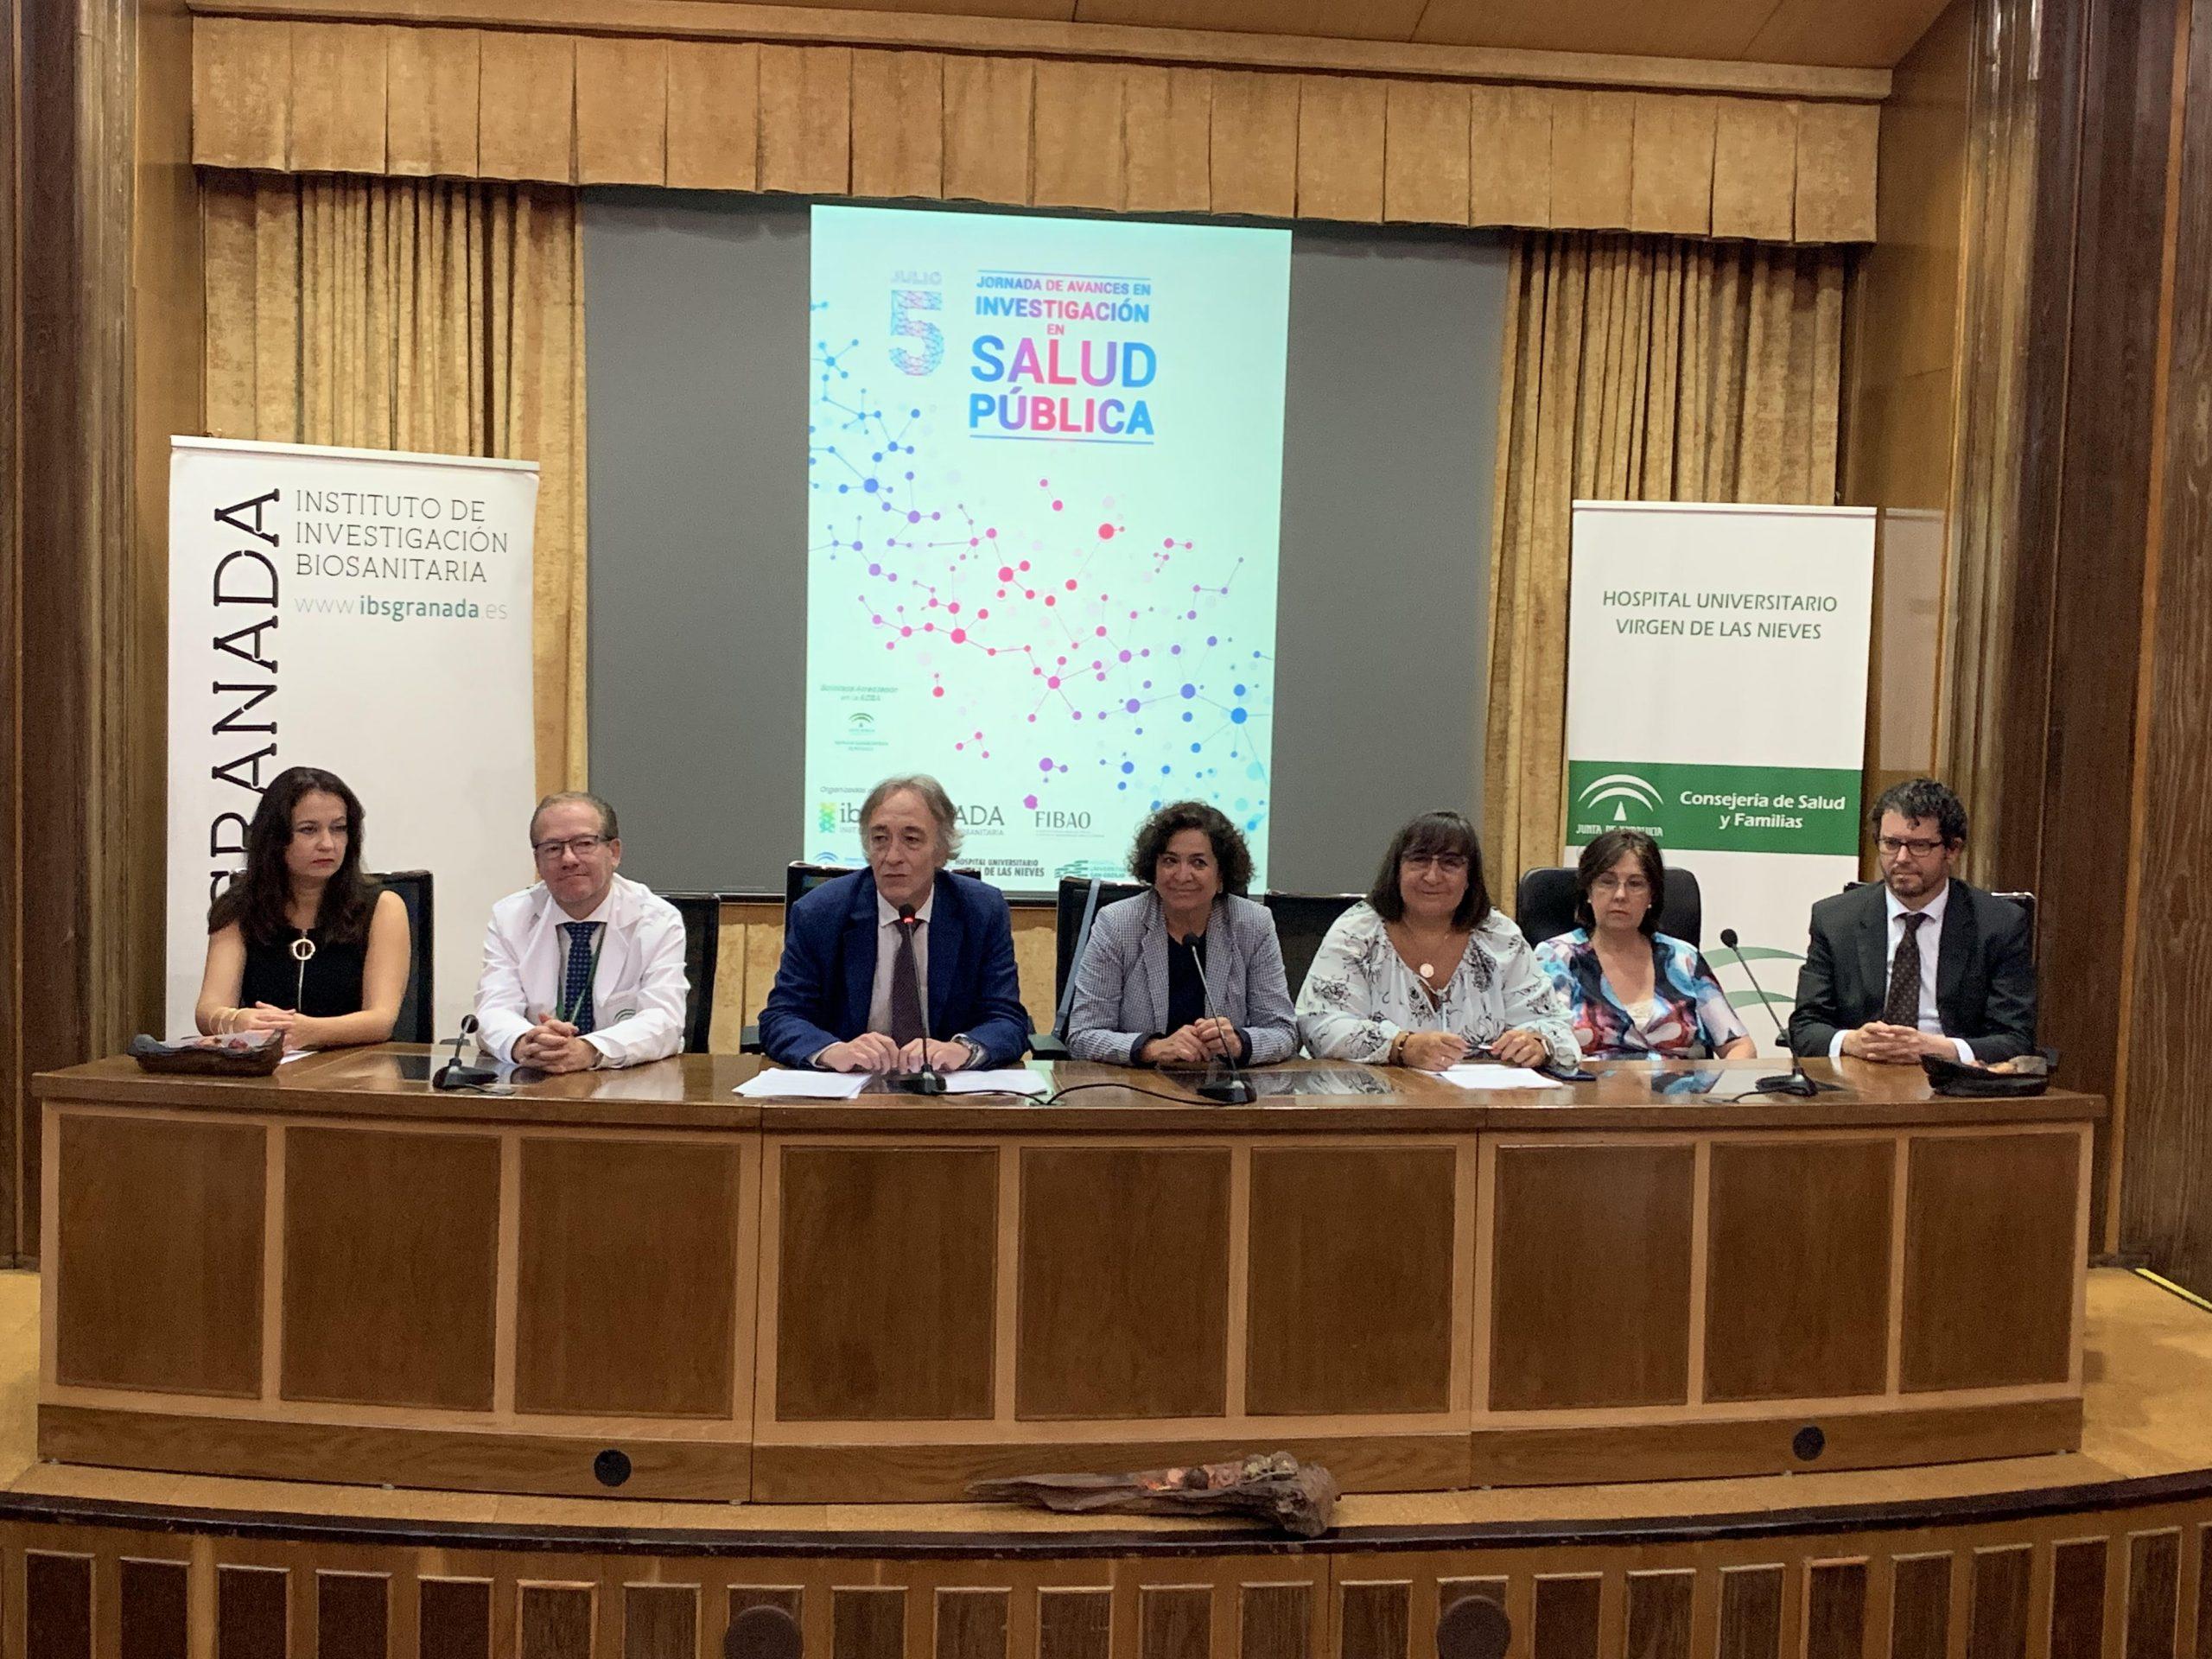 Los últimos avances en salud pública centran una jornada científica organizada por el Instituto de Investigación Biosanitaria de Granada